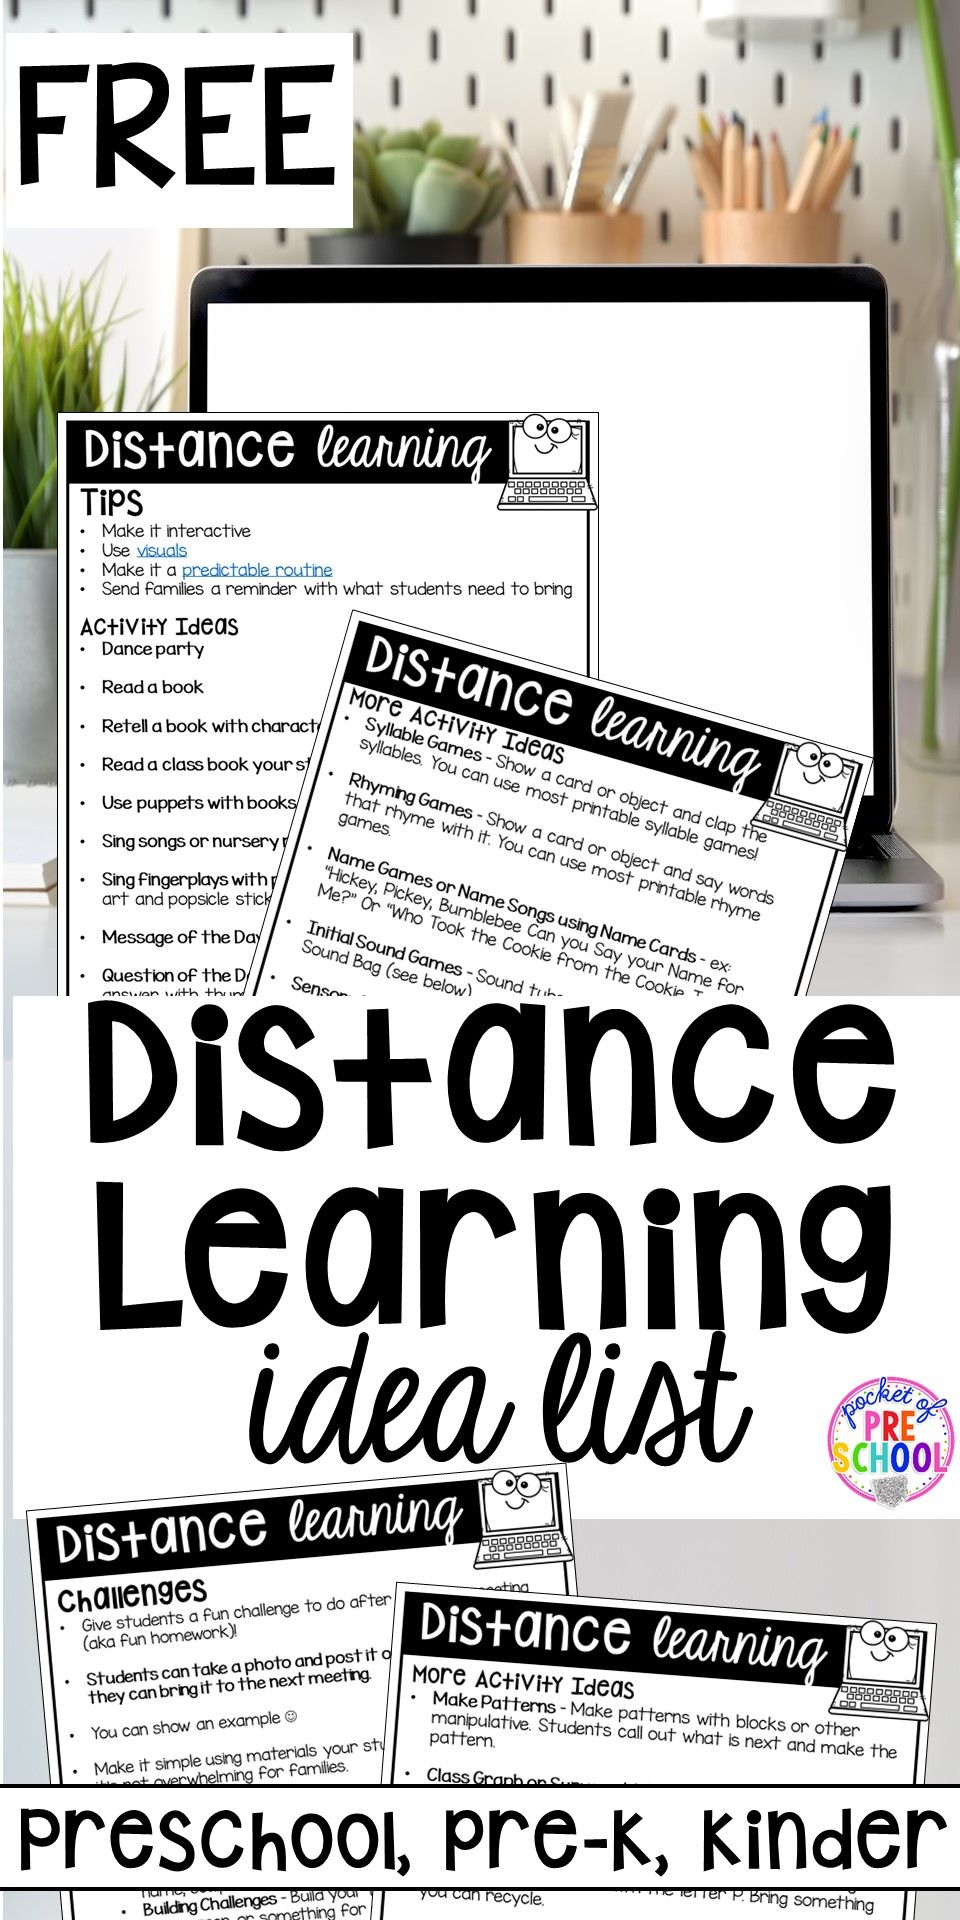 Distance Learning Idea List for Preschool, Pre-K, and Kindergarten - Pocket of Preschool